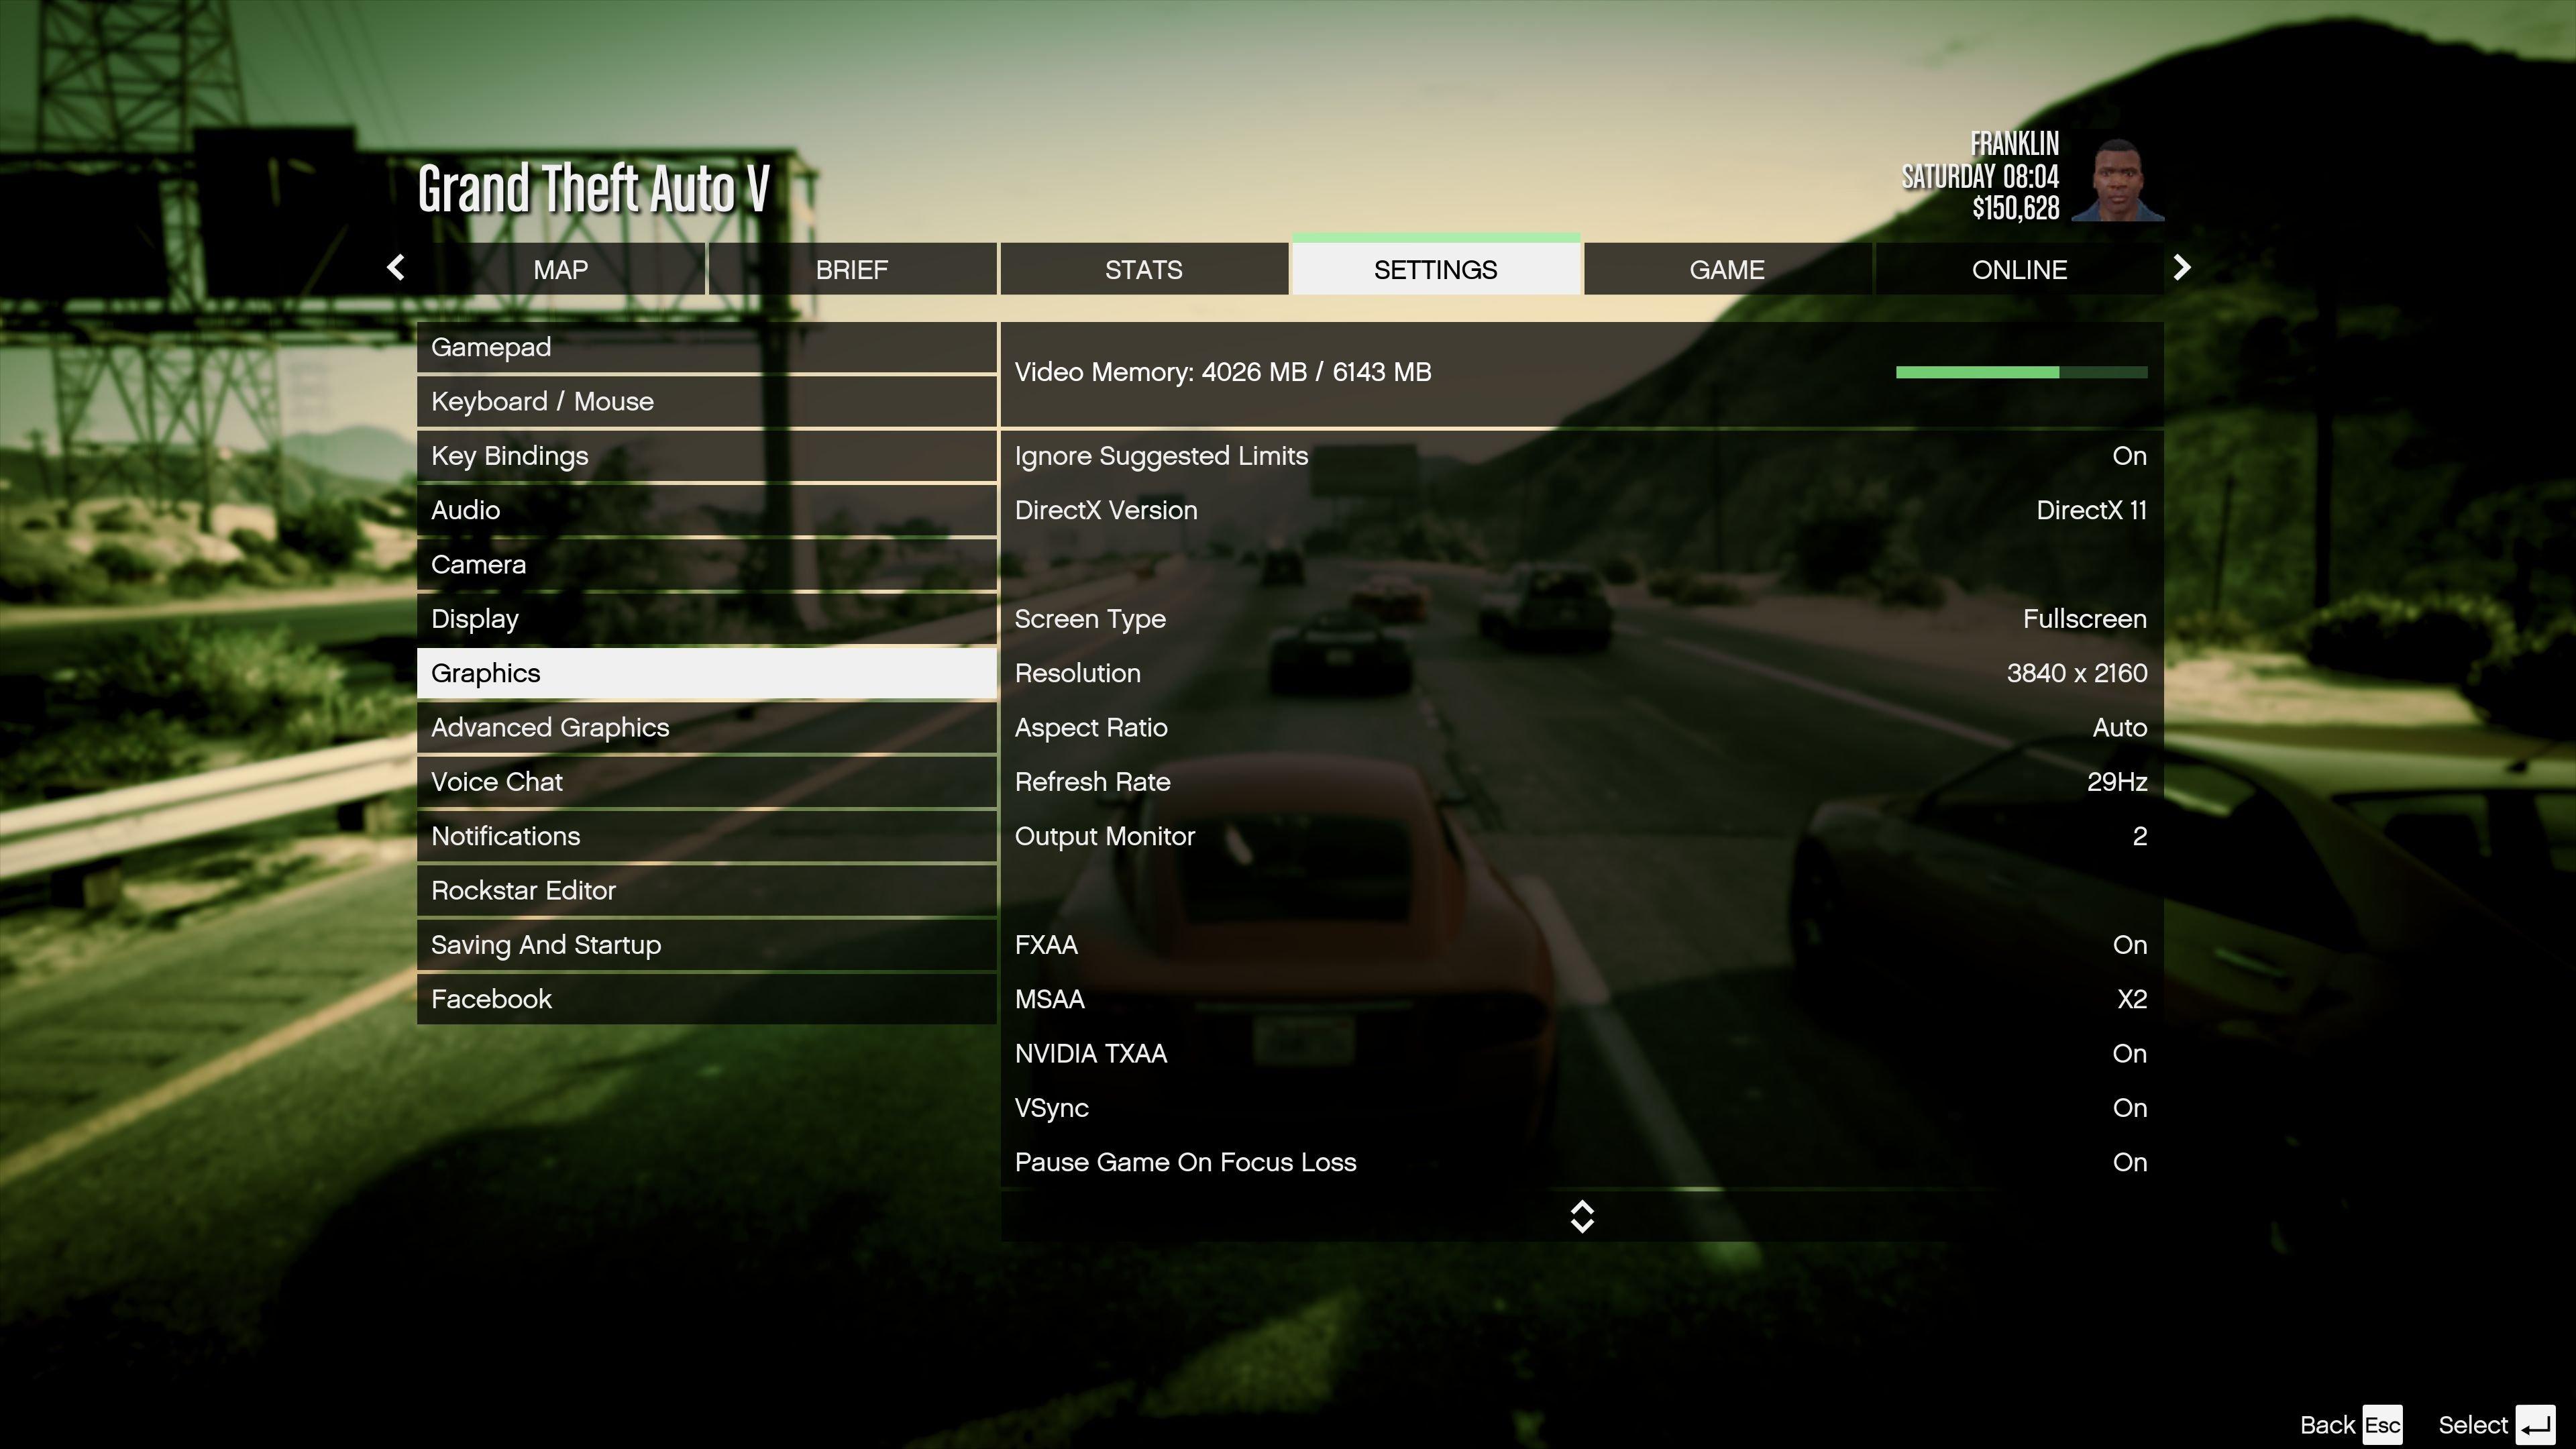 Меню настроек графики PC-версии GTA 5 - Изображение 1